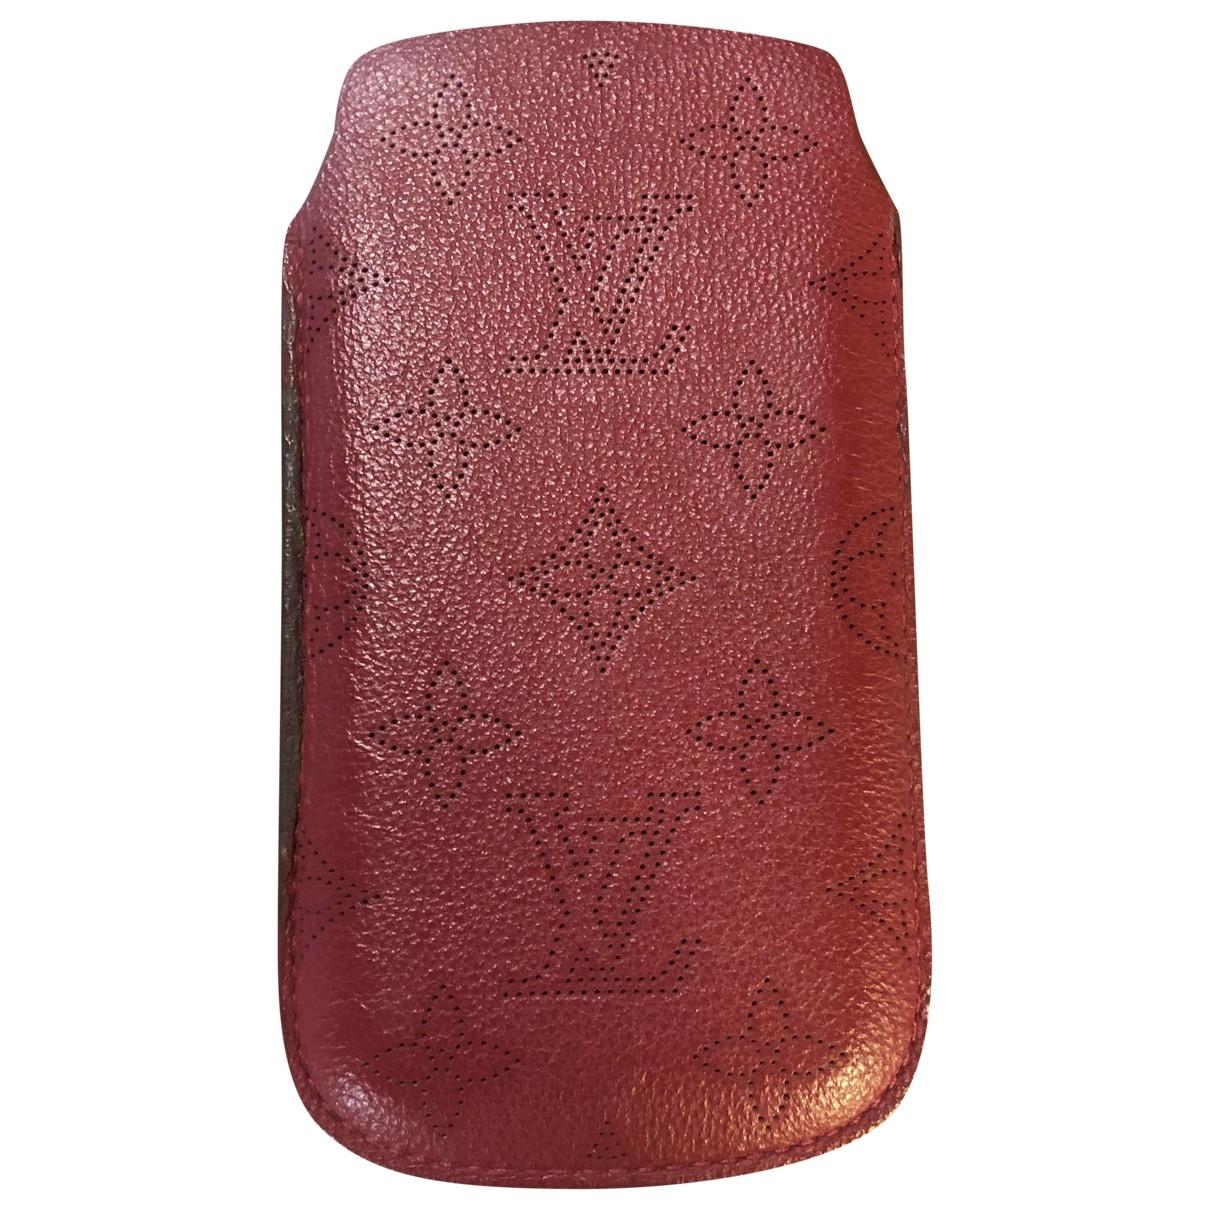 Louis Vuitton - Accessoires   pour lifestyle en cuir - rouge